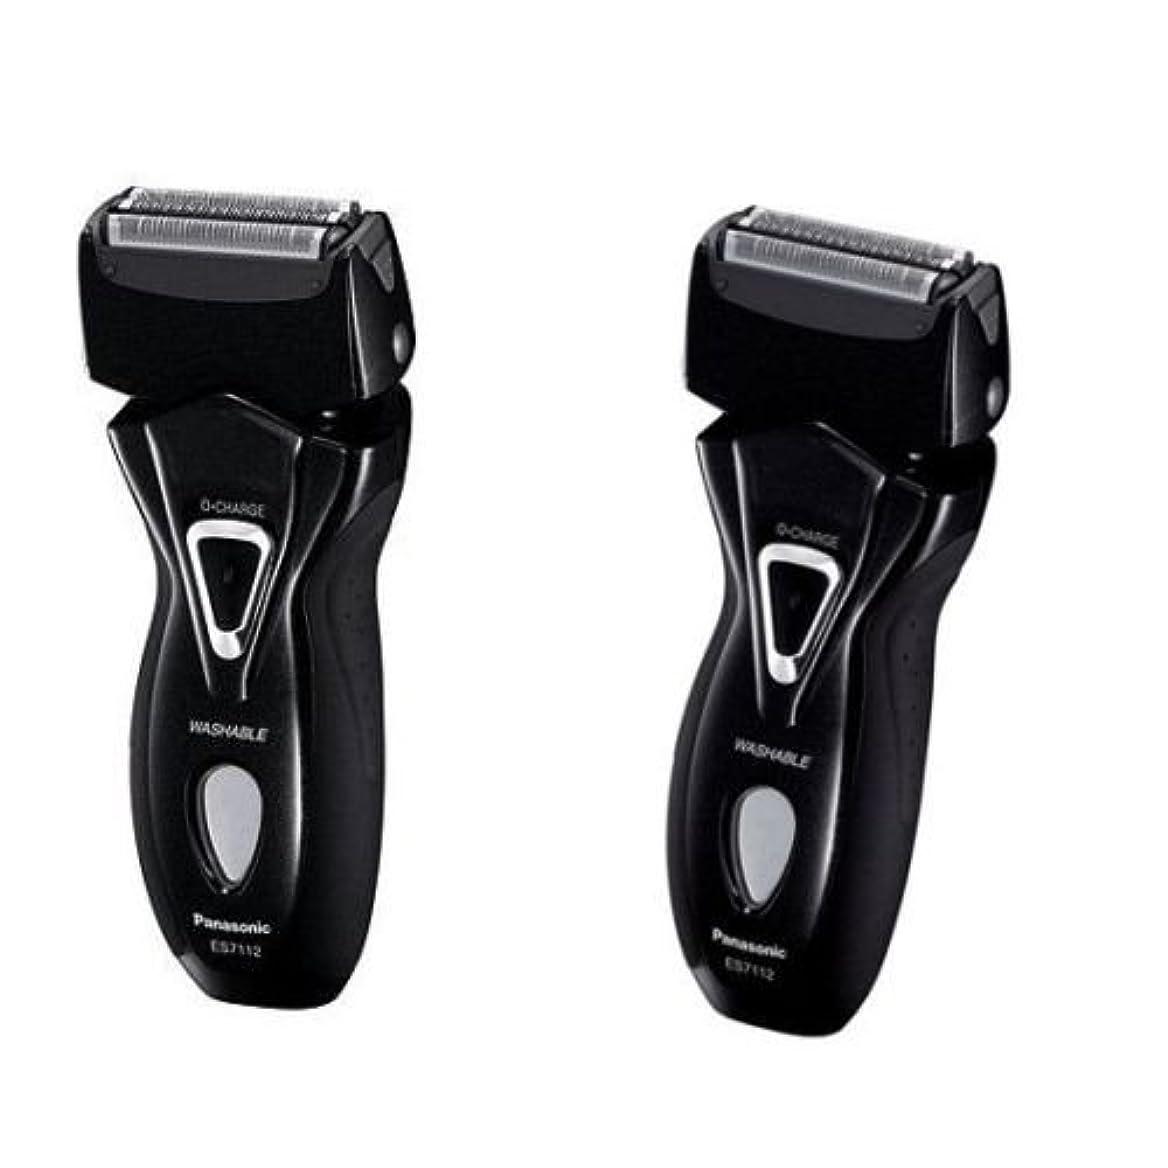 性能交渉する構造的Panasonic ES-7112 メンズシェーバーRAMのダッシュ3剃る100-240V ES7112 /純正 [並行輸入品]